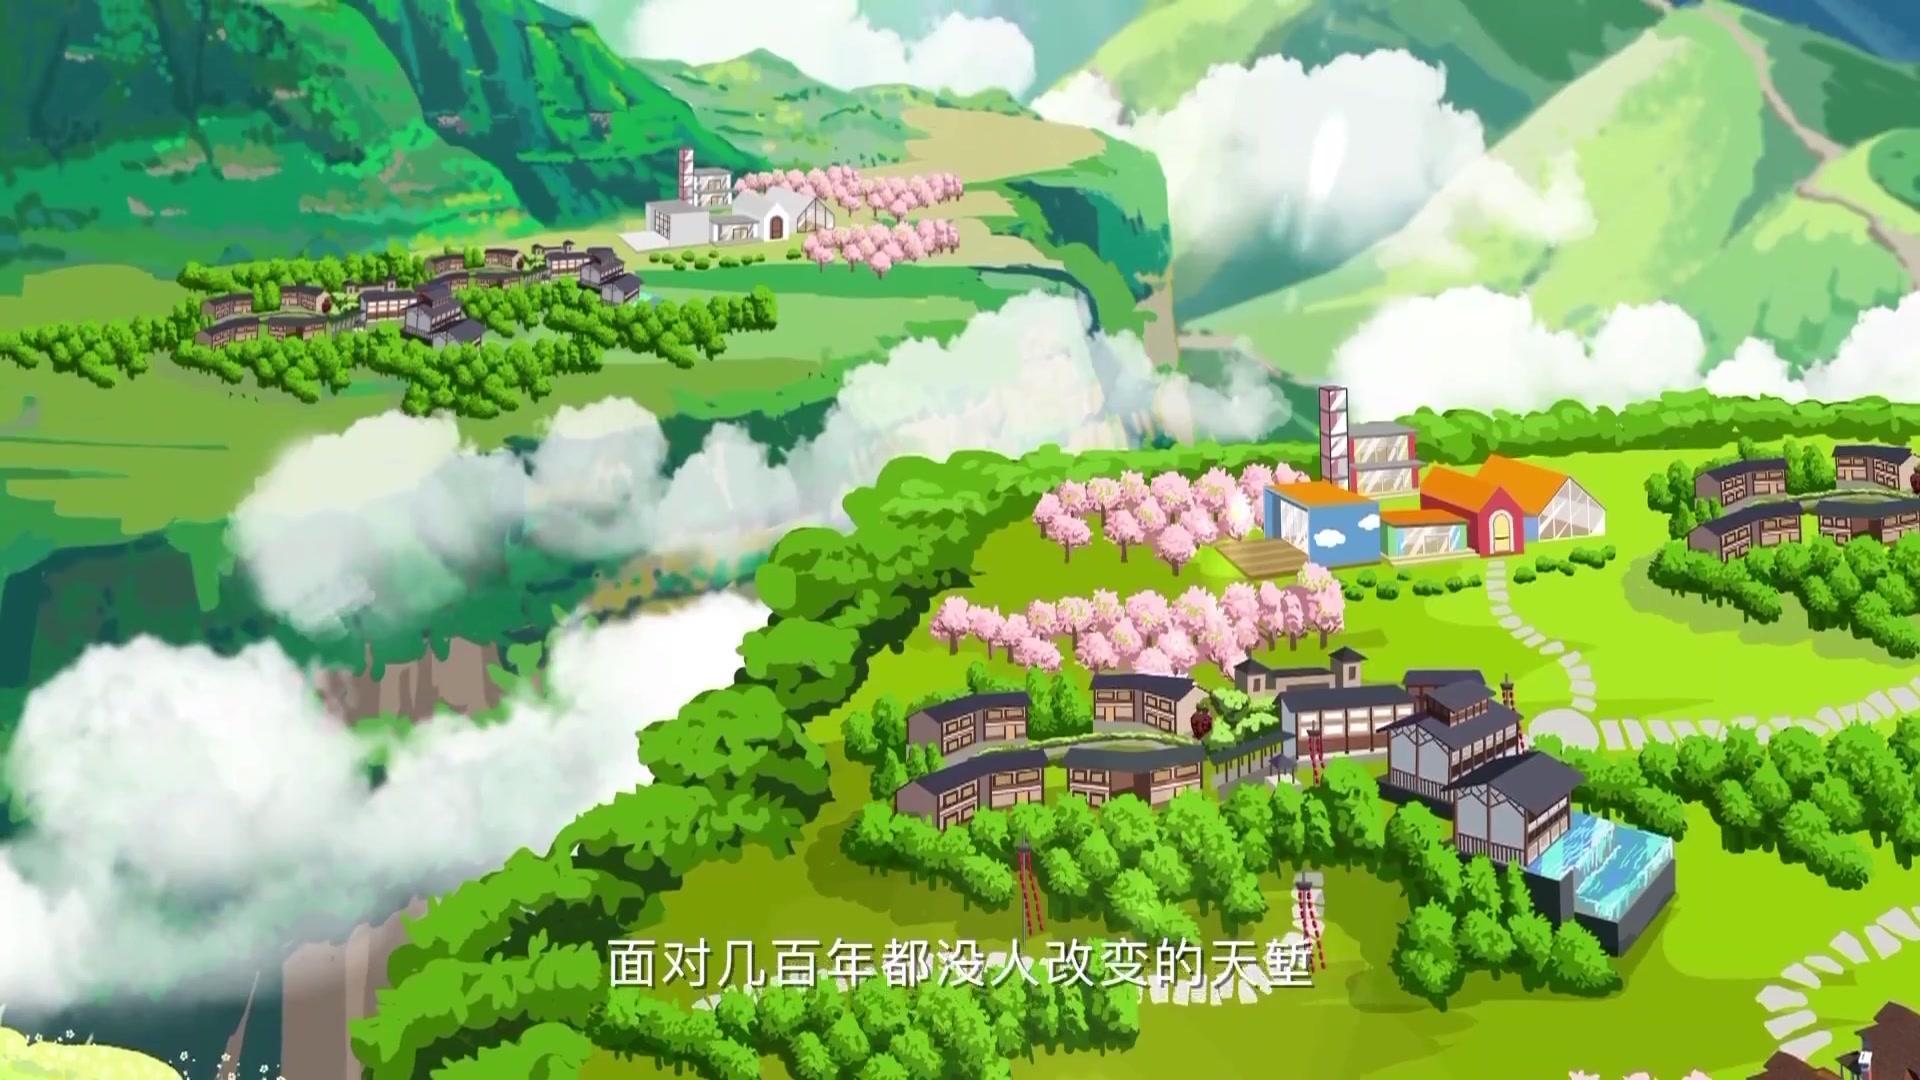 动漫微视频《云端上的幸福》